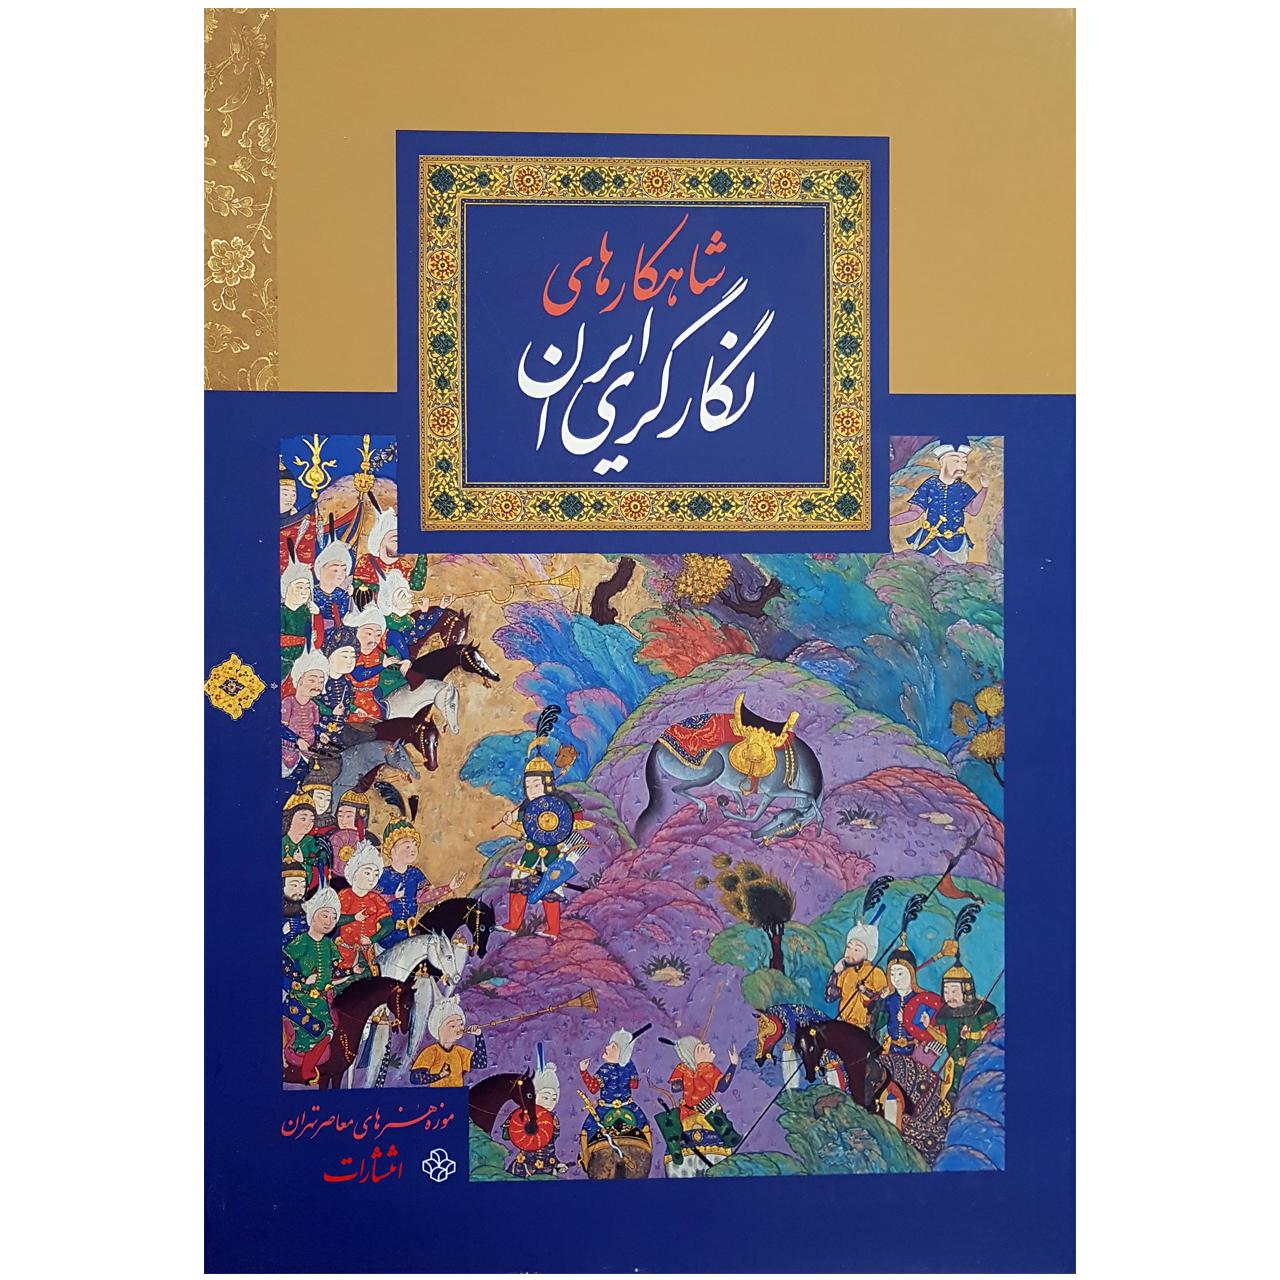 کتاب شاهکارهای نگارگری ایران اثر جمعی از نویسندگان انتشارات موزه هنرهای معاصر تهران